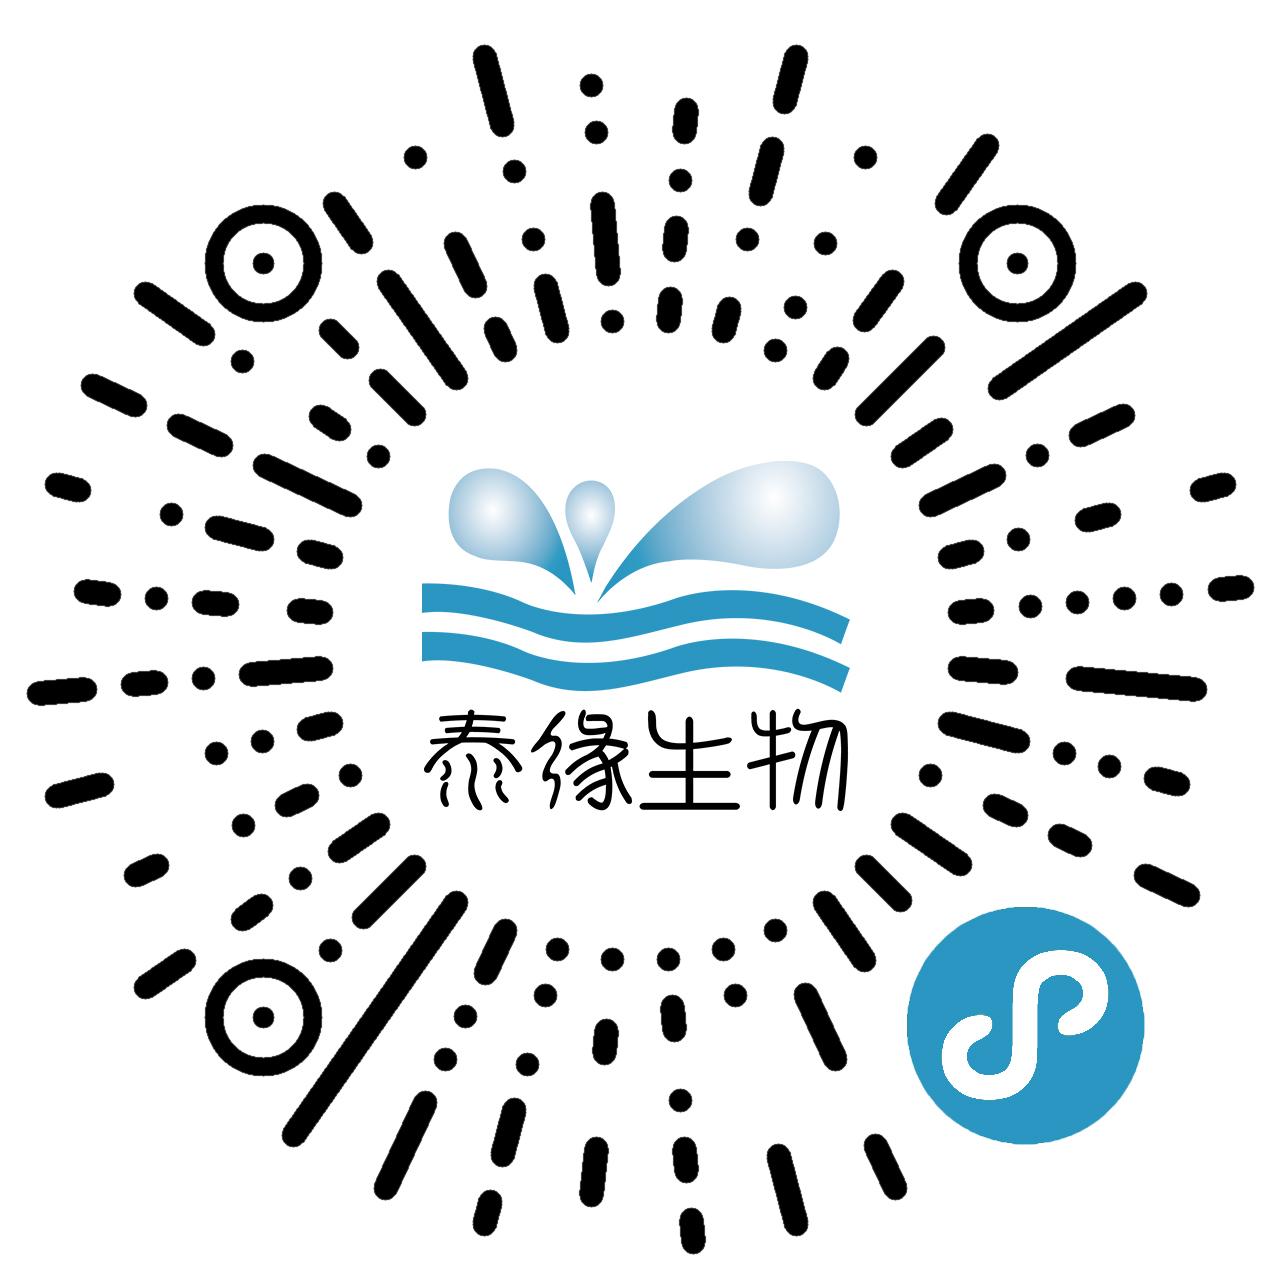 上海泰緣生物科技股份有限公司